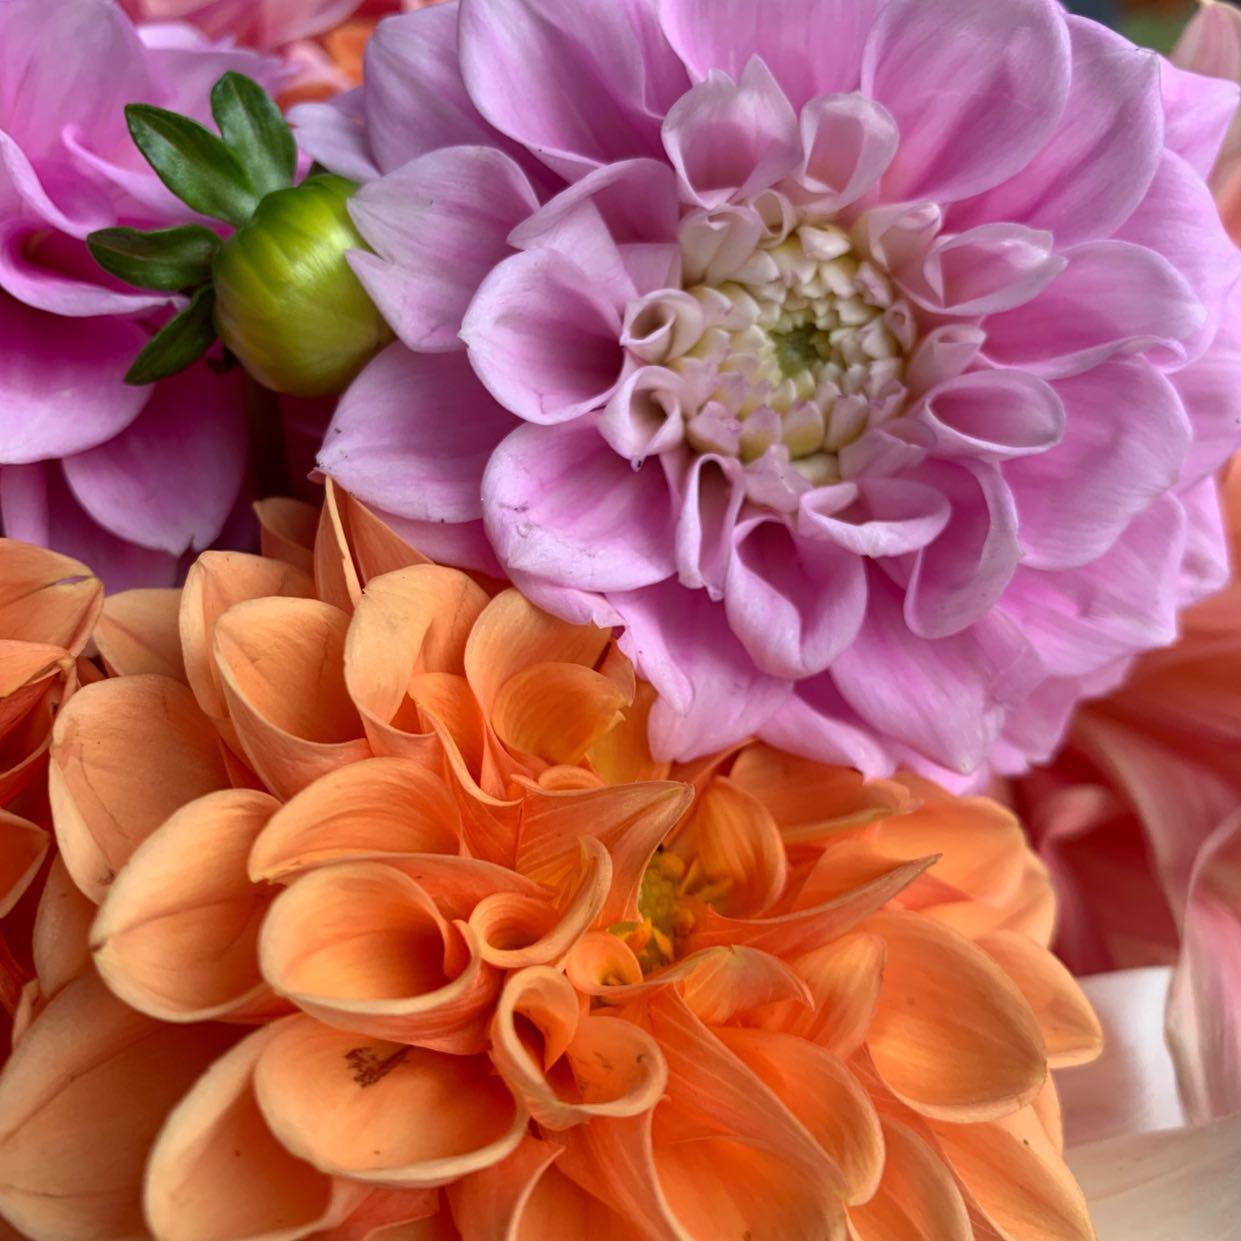 orange and pick dahlias